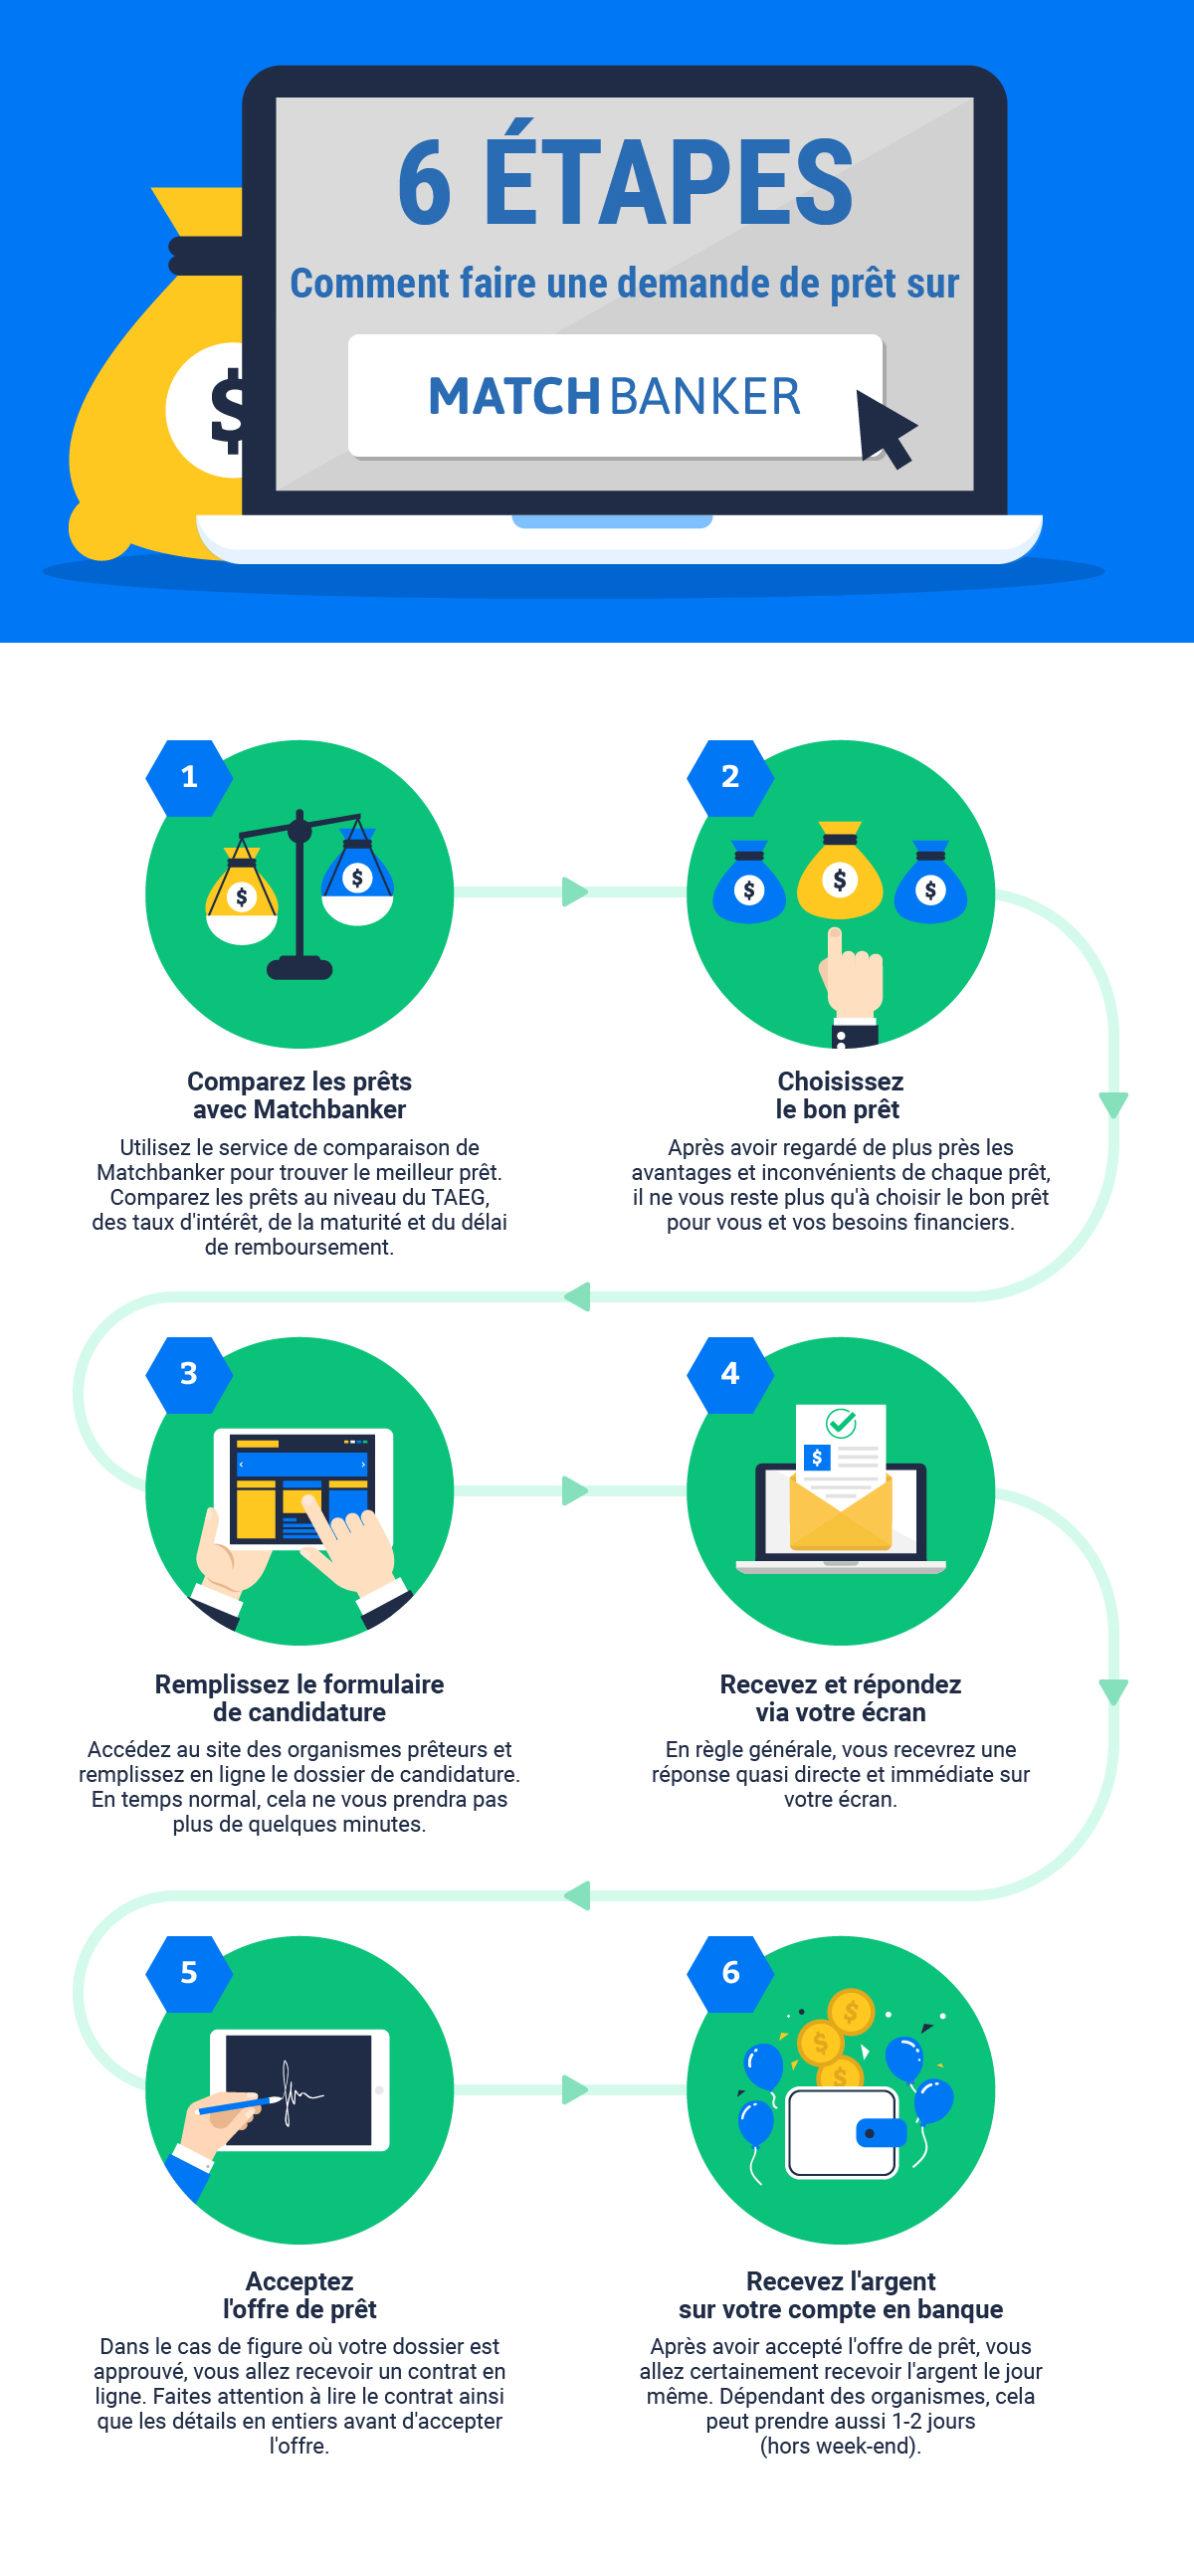 Faire une demande de prêt en ligne en 6 étapes